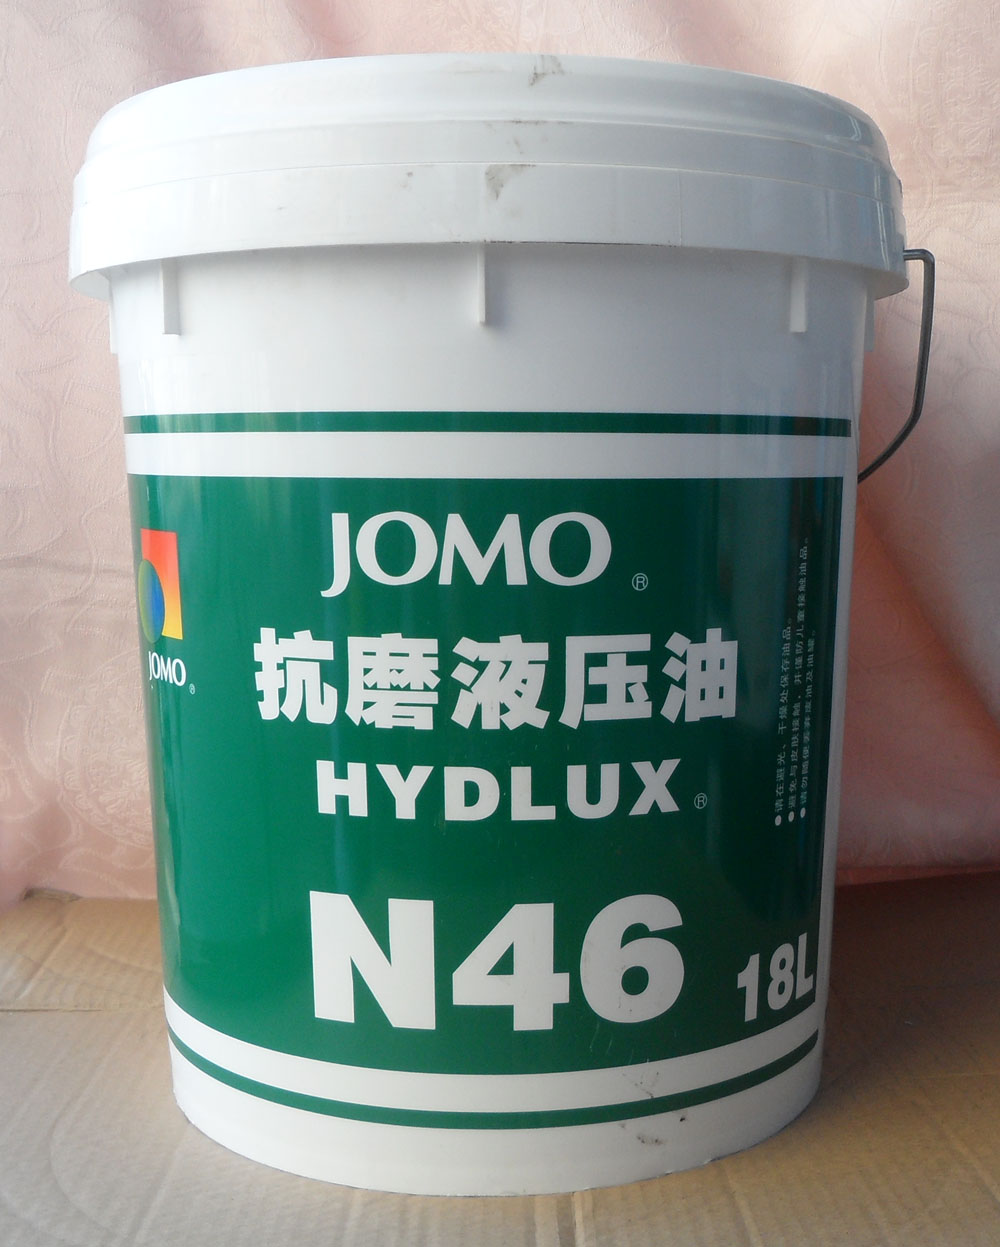 是由天然气与原油提炼的碳氢化合物配制而成,国际上没有合成油之明确定义,一般以润滑油中含有PAO即称为合成机油。市售标示合成油之产品,PAO之含量大部份皆在12%以下。全合成机油则是以100%之PAO ( PolyAlpha Olefin 聚-烯烃 )为基础油及添加剂调配而成。 世界_烯烃生产商主要集中在美、欧、南非和日本等发达国家和地区,2000年总生产能力达2557kt/a,计划和在建装置能力512kt/a。其中1_己烯占-烯烃总量的20.